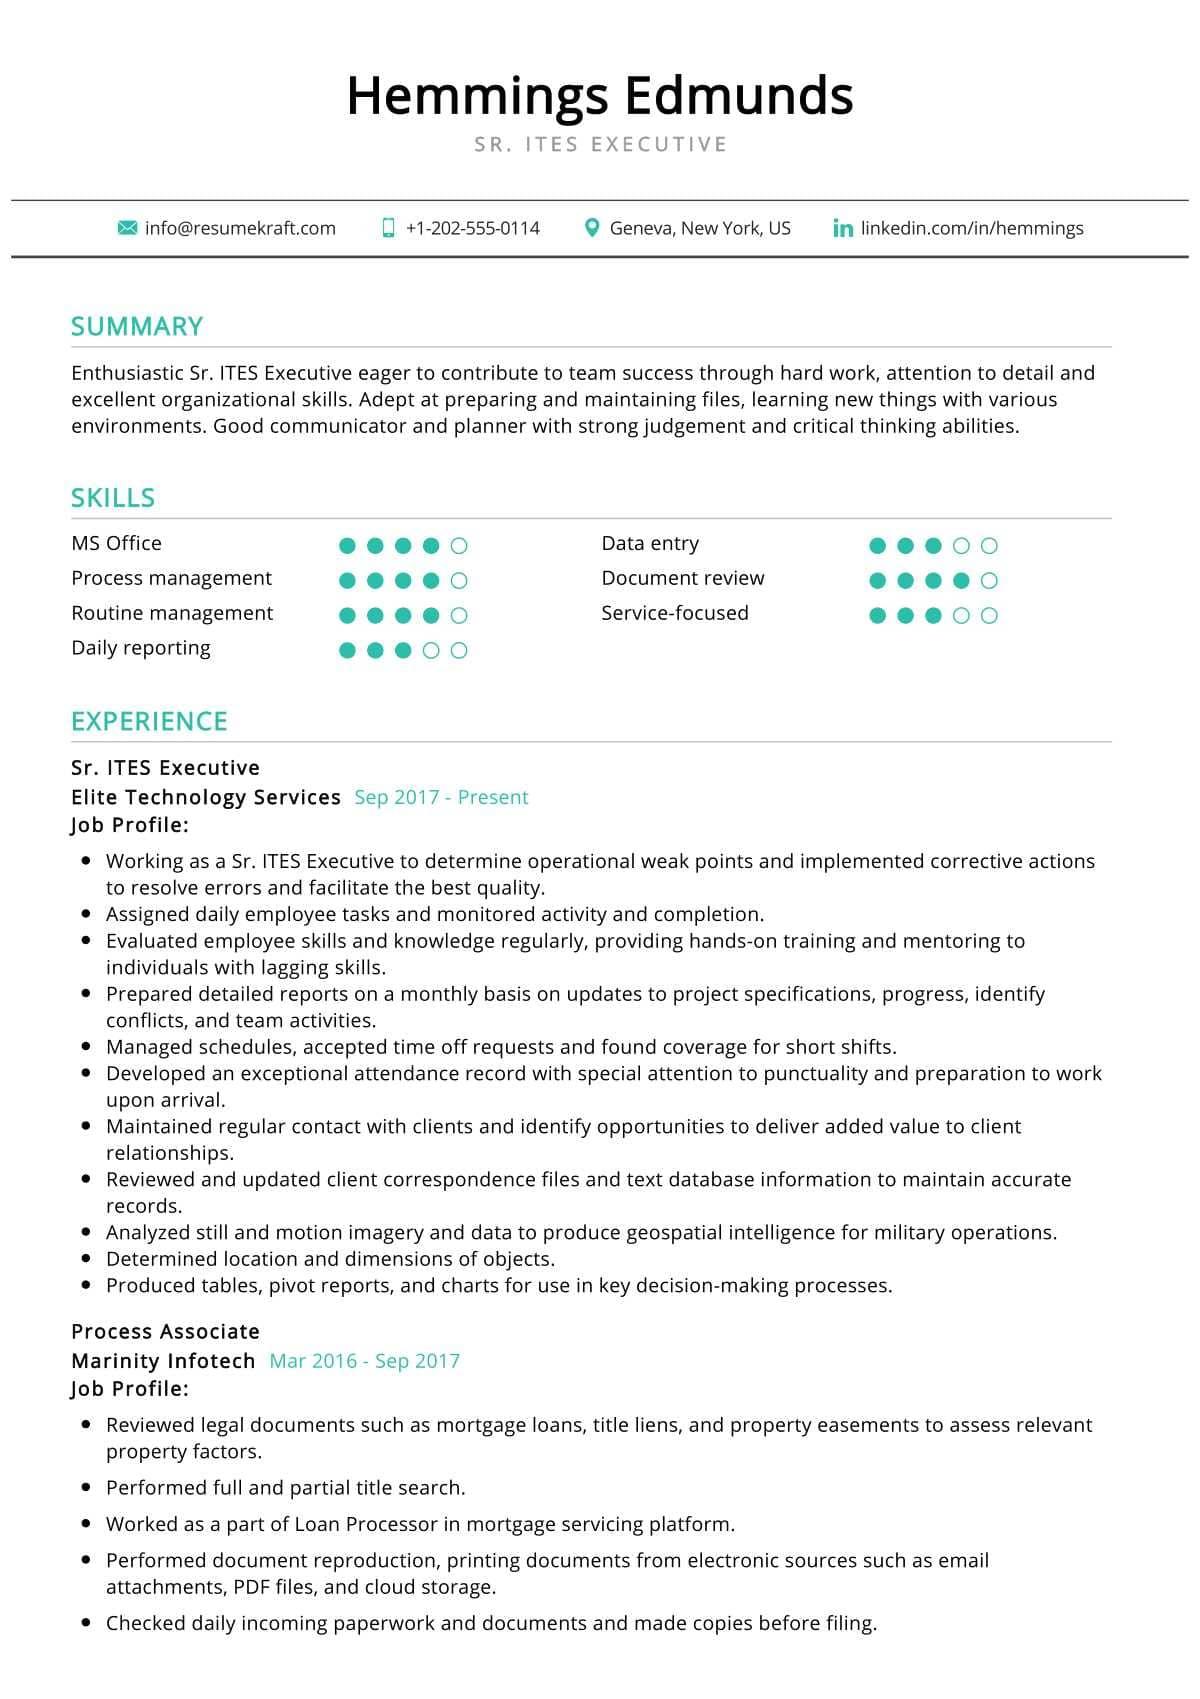 Senior ITES Executive Resume